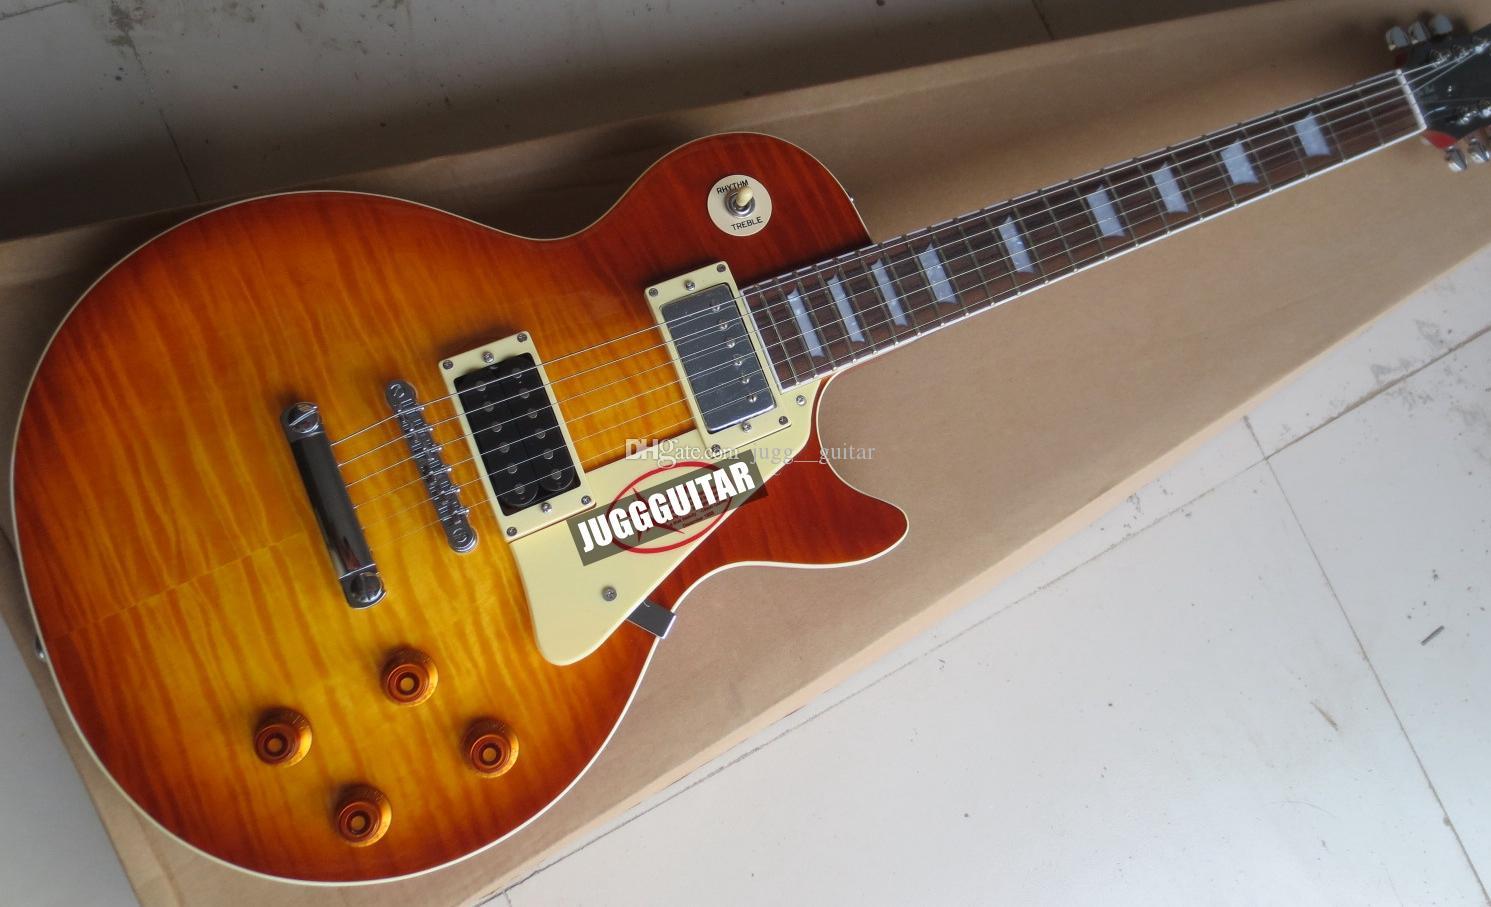 Custom Shop standard 1959 Jimmy Page Flamme en érable Cerise Sunburst Guitare électrique, Chrome moderne Tuners, Corps acajou Touche palissandre